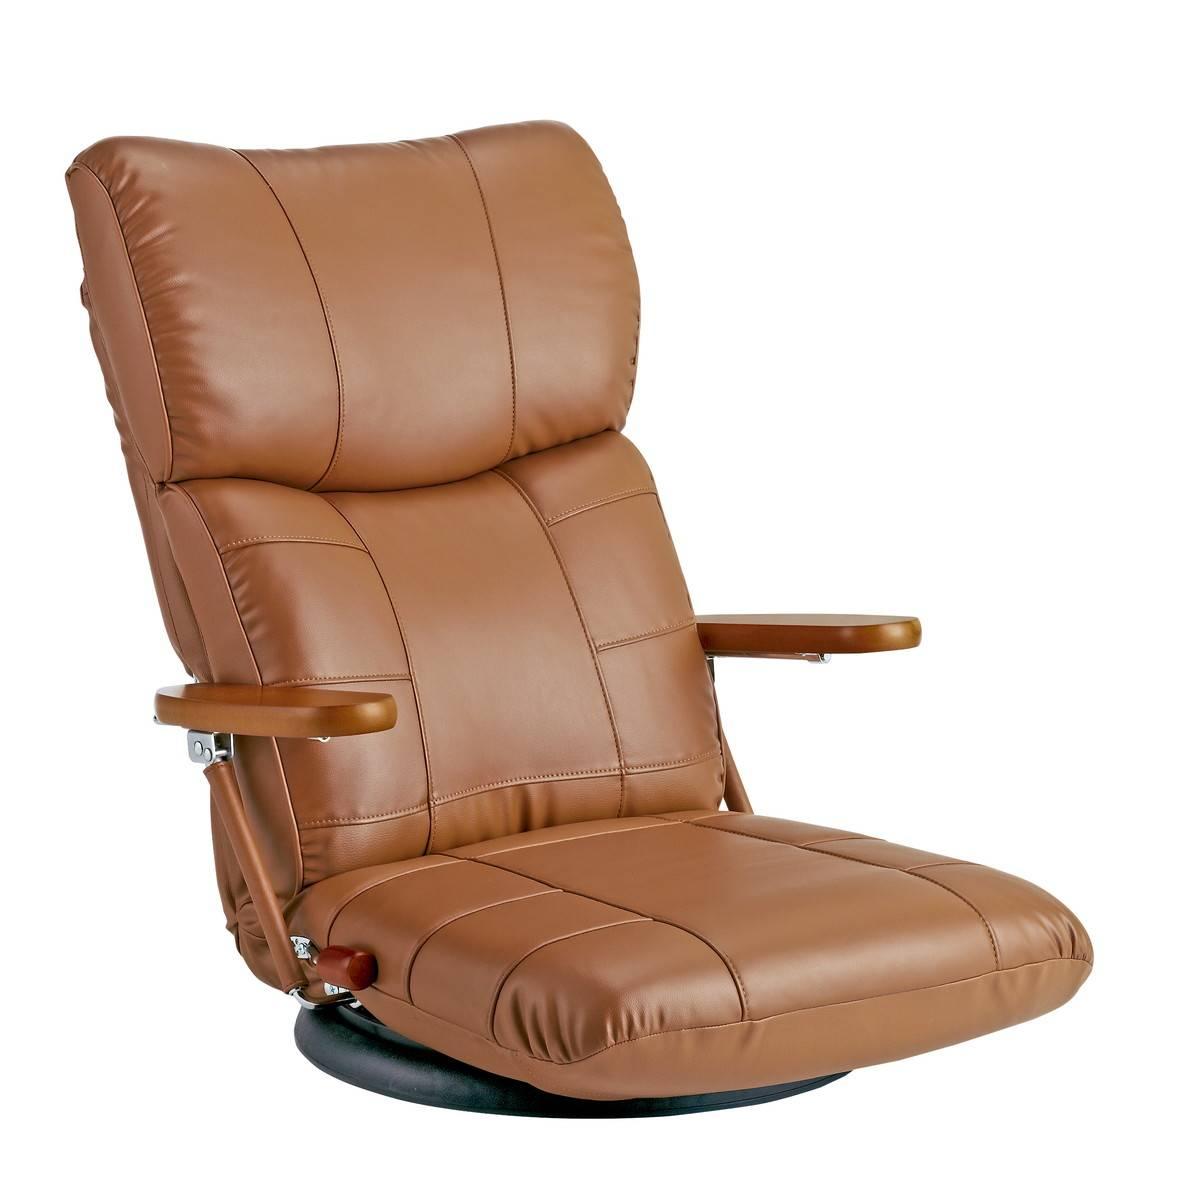 日本製 スーパーソフトレザー ハイバック リクライニング 座椅子 360度回転 (ブラウン)